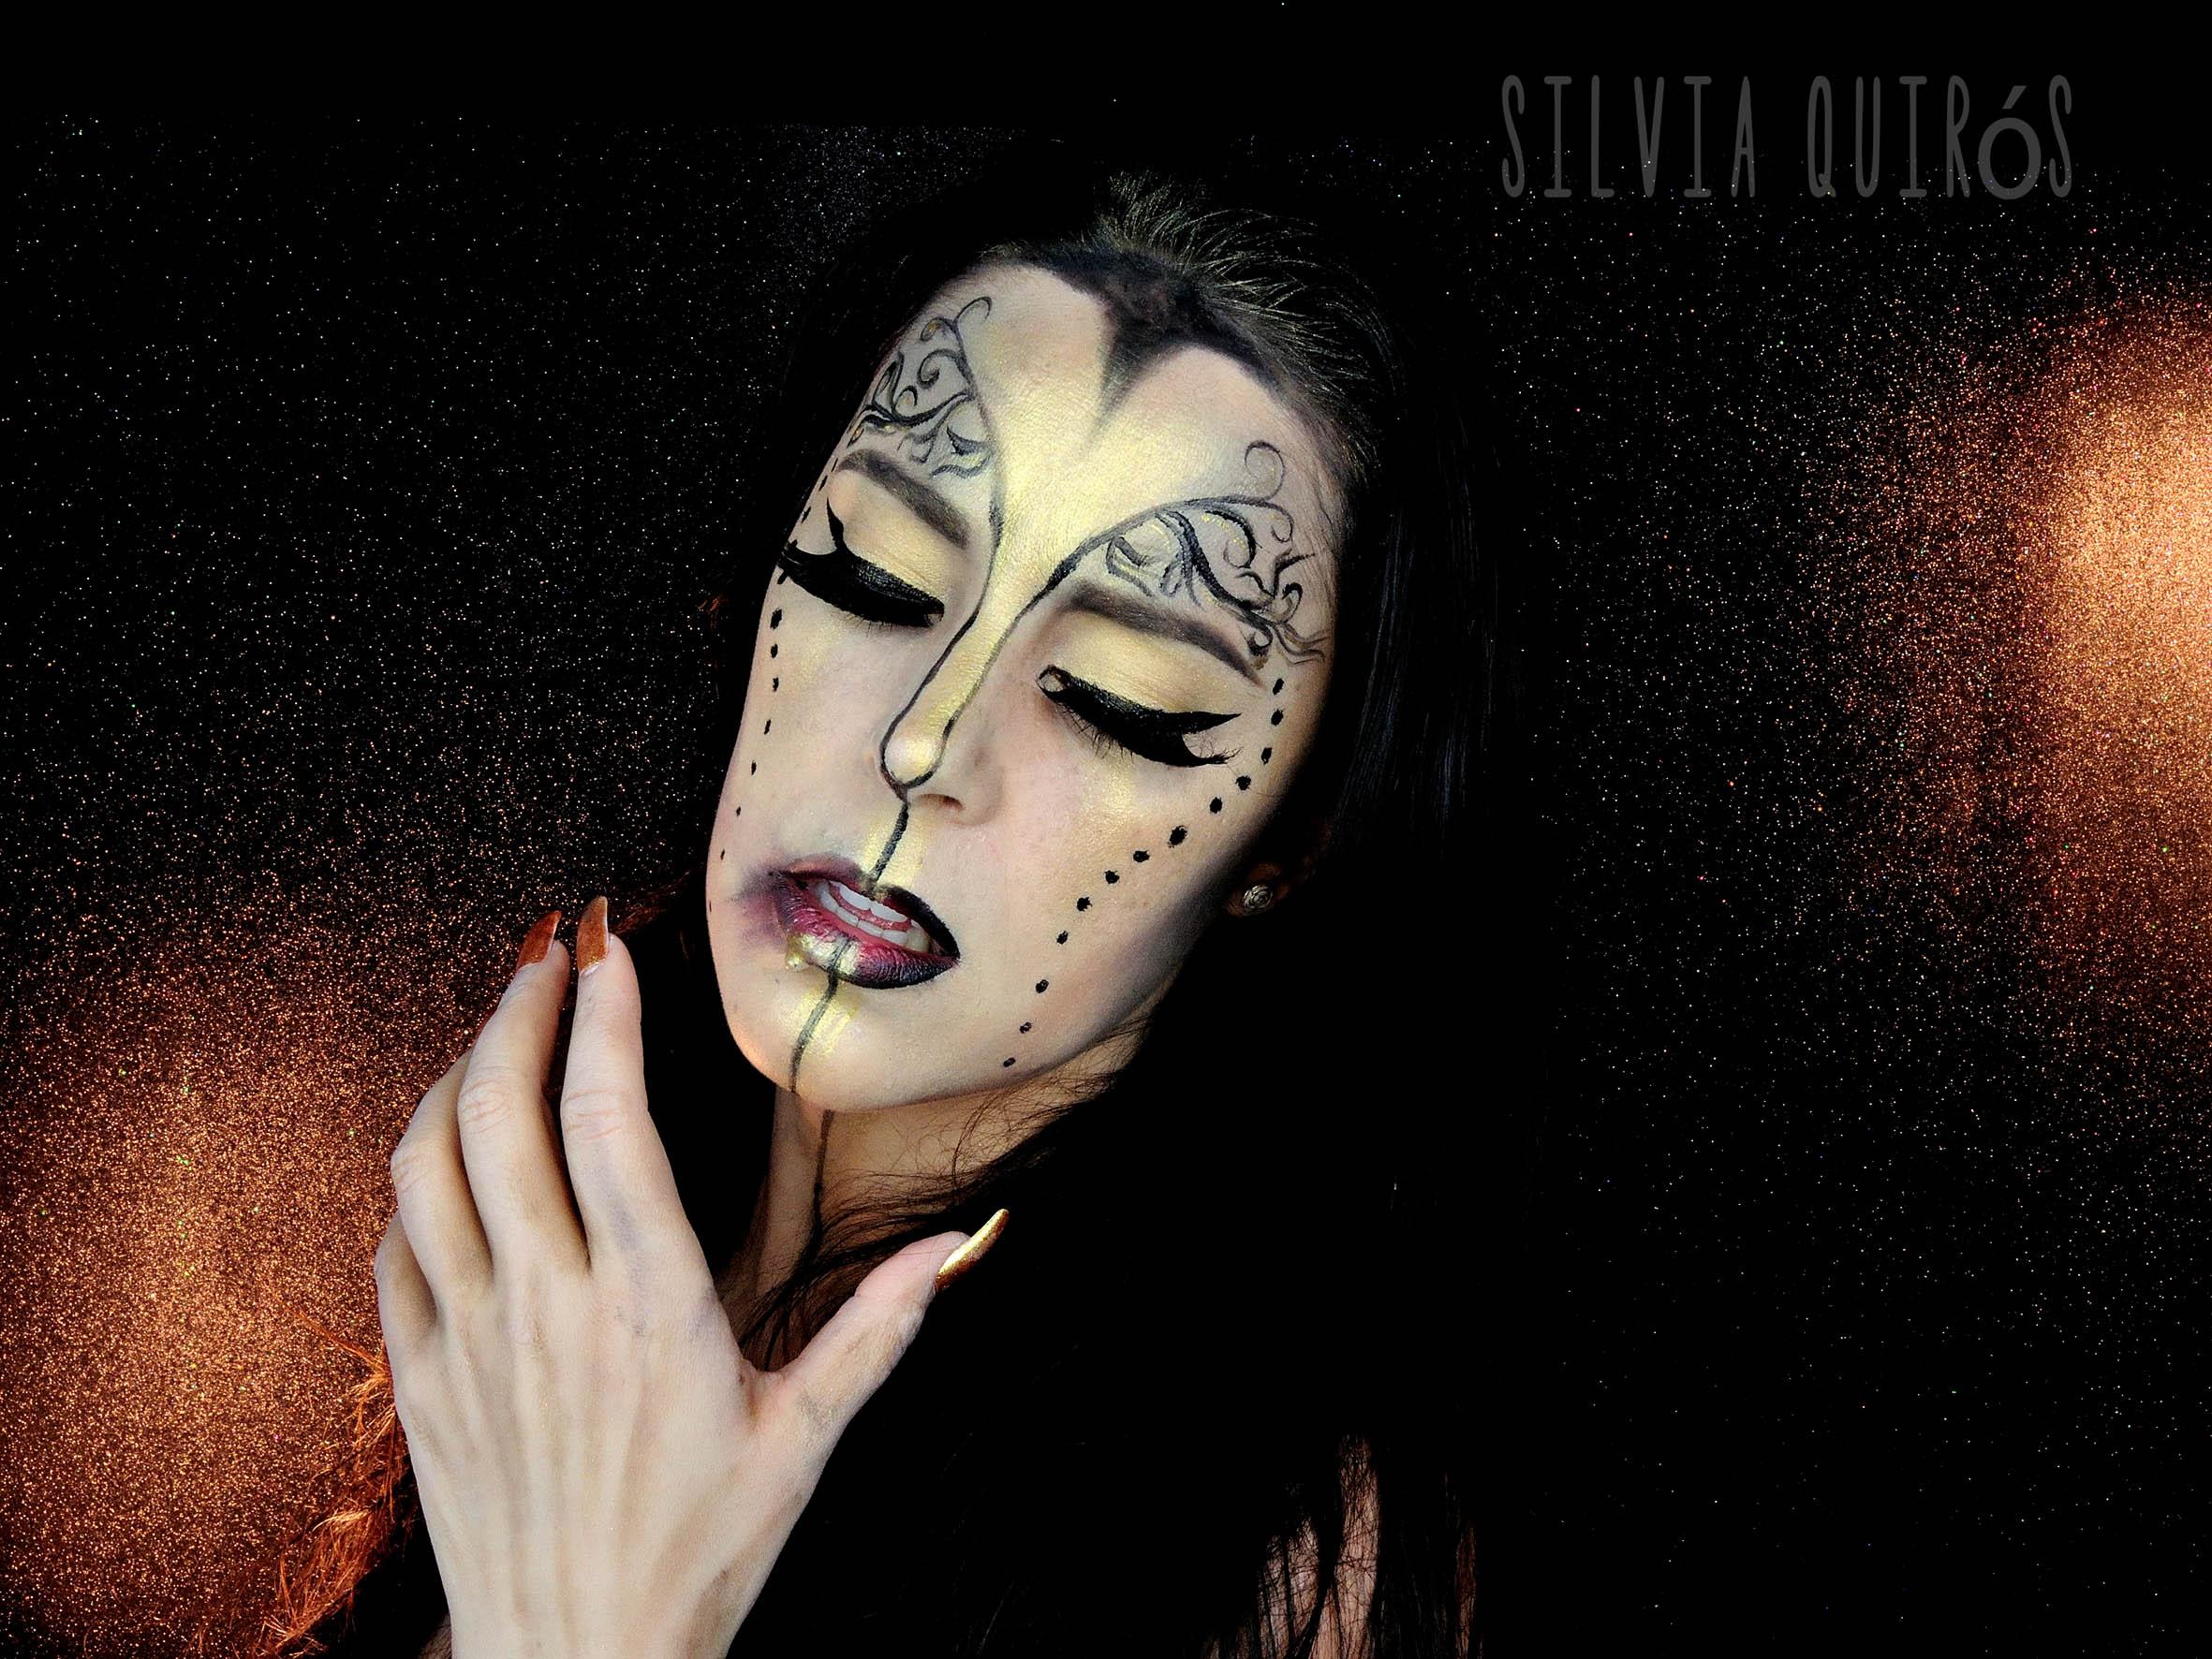 Pecados Capitales Lujuria efectos especiales - Silvia Quirós